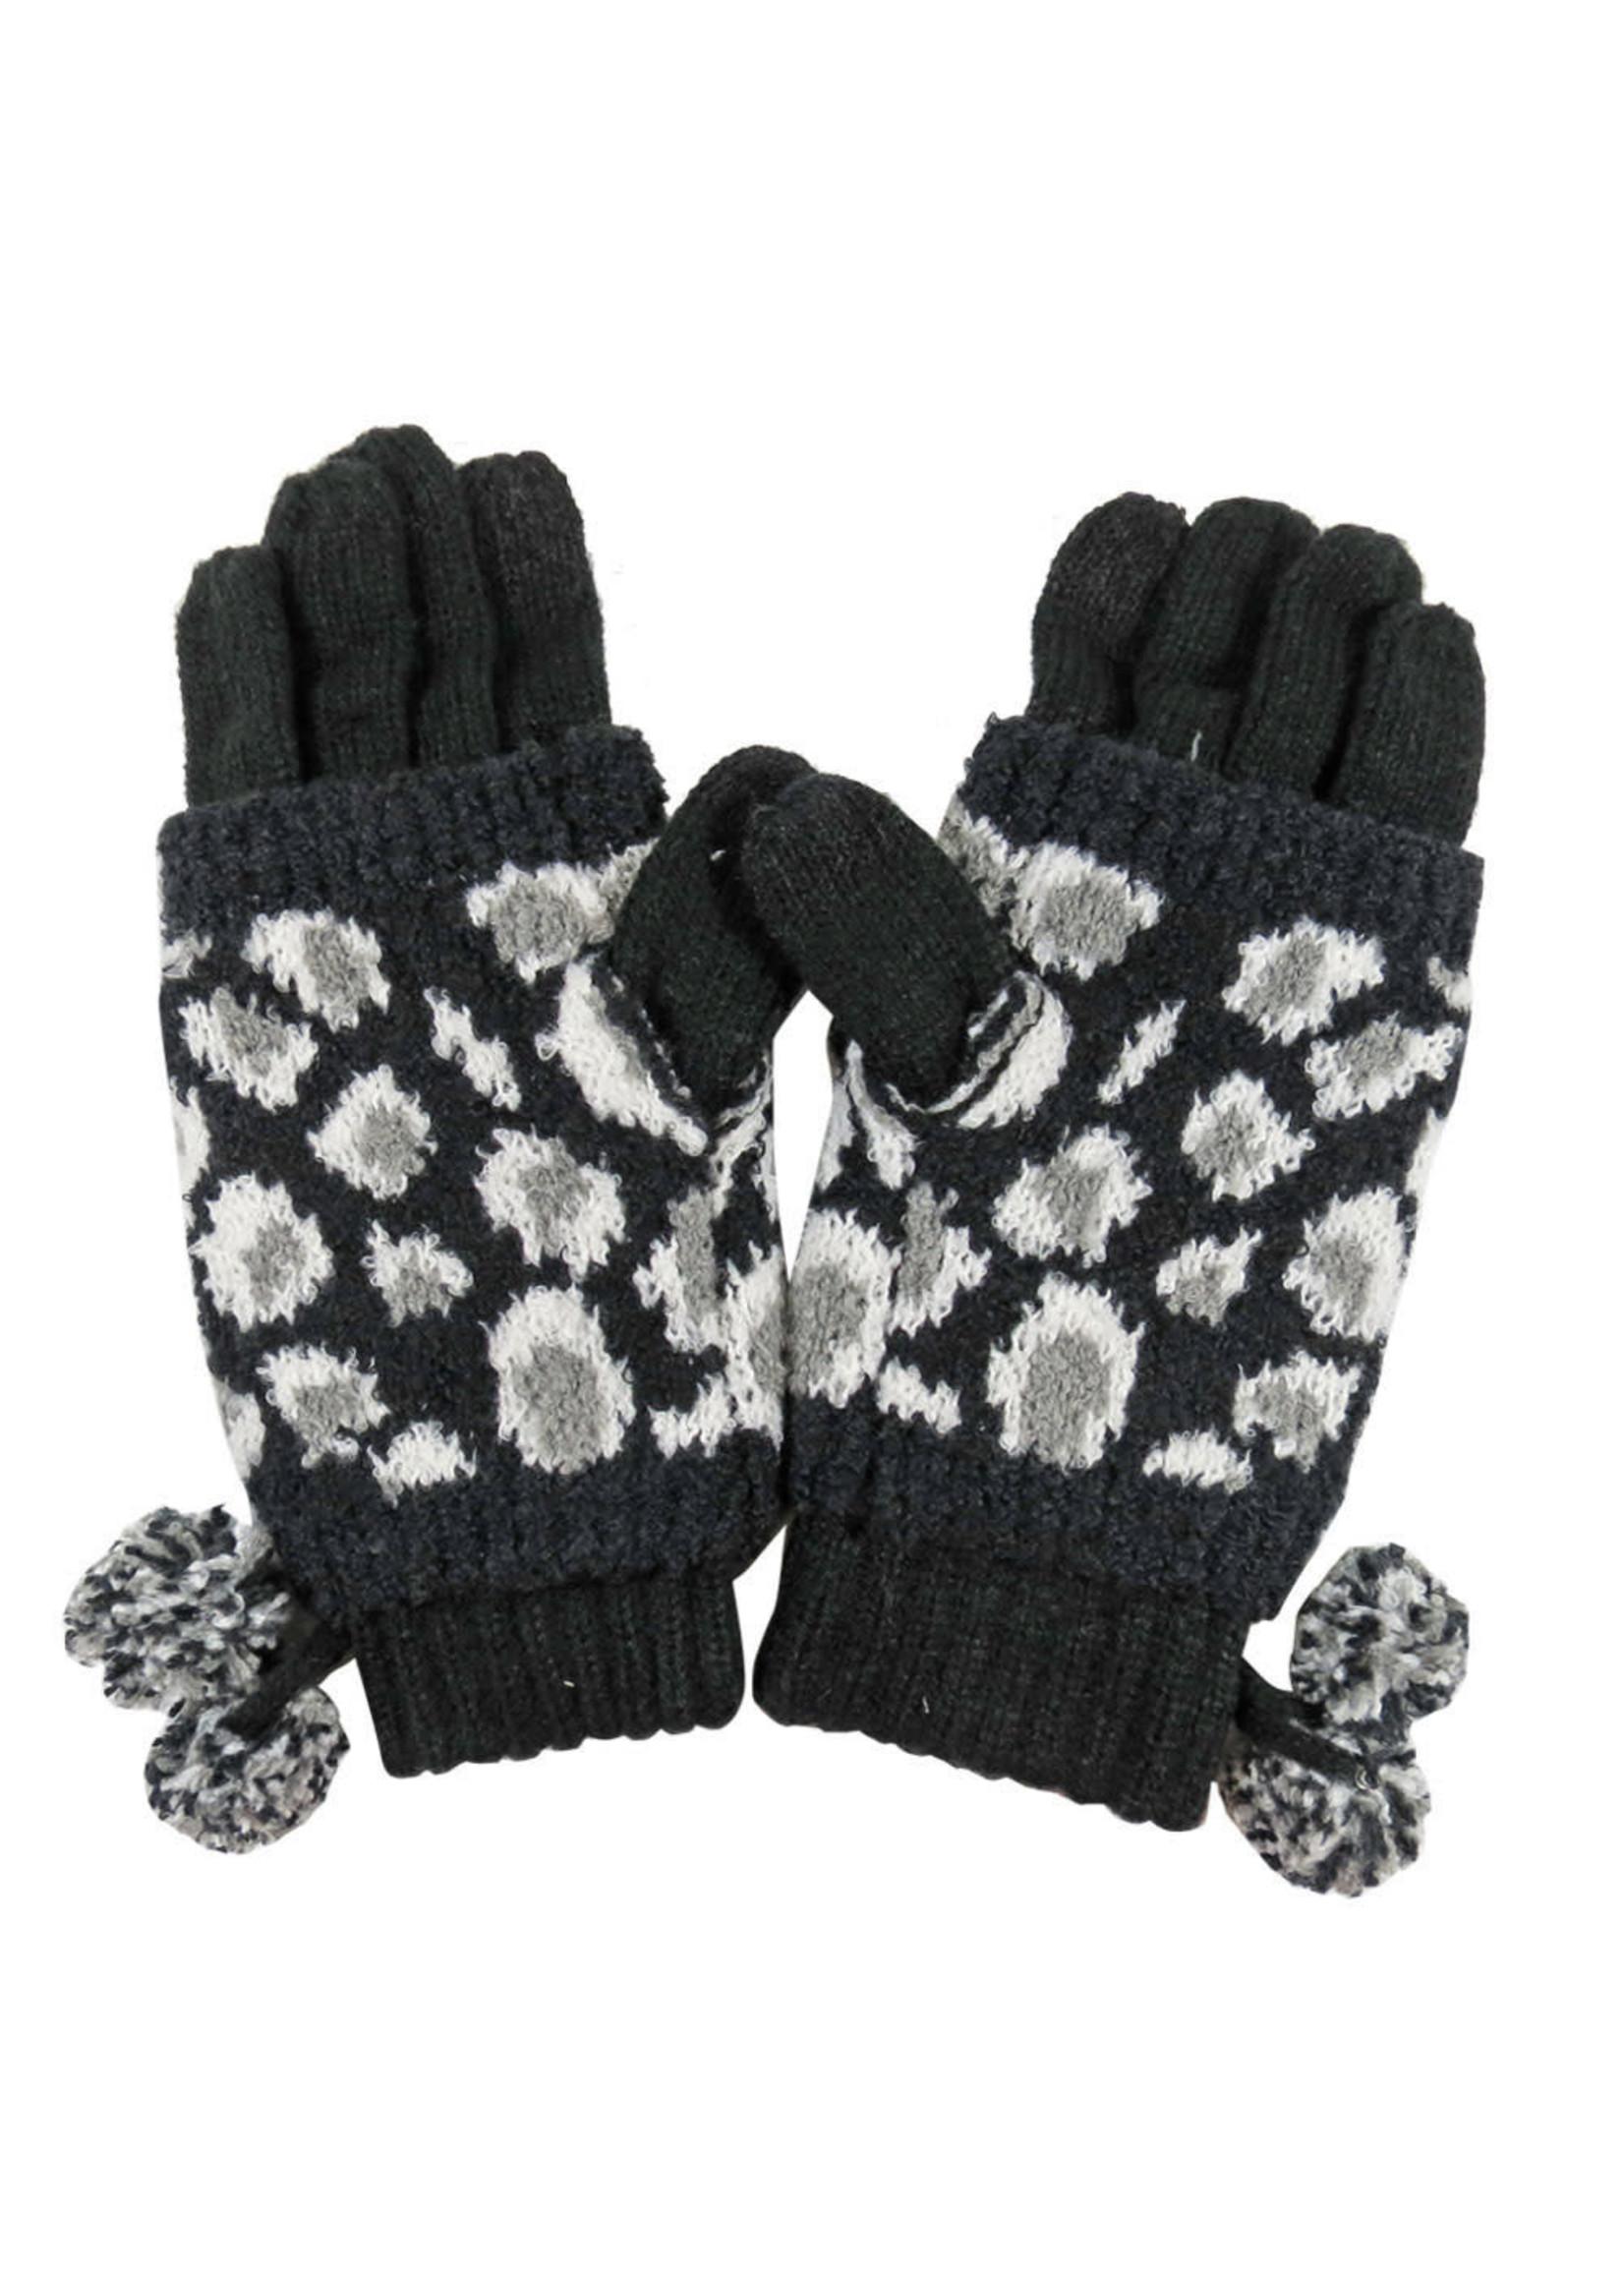 Leopard Jacquard Knit Glove with Knit Pom Black